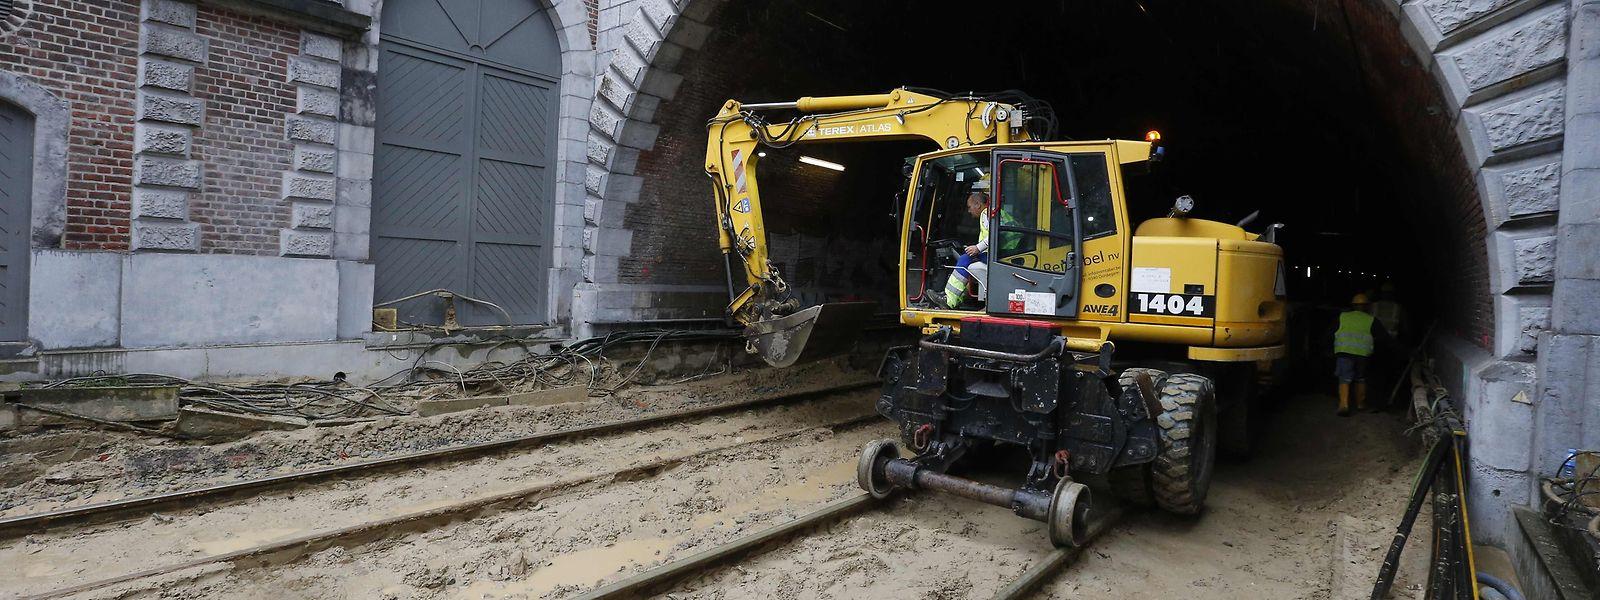 Les 214 km de liaison entre la capitale belge et sa voisine luxembourgeoise doivent faire l'objet d'importants travaux.